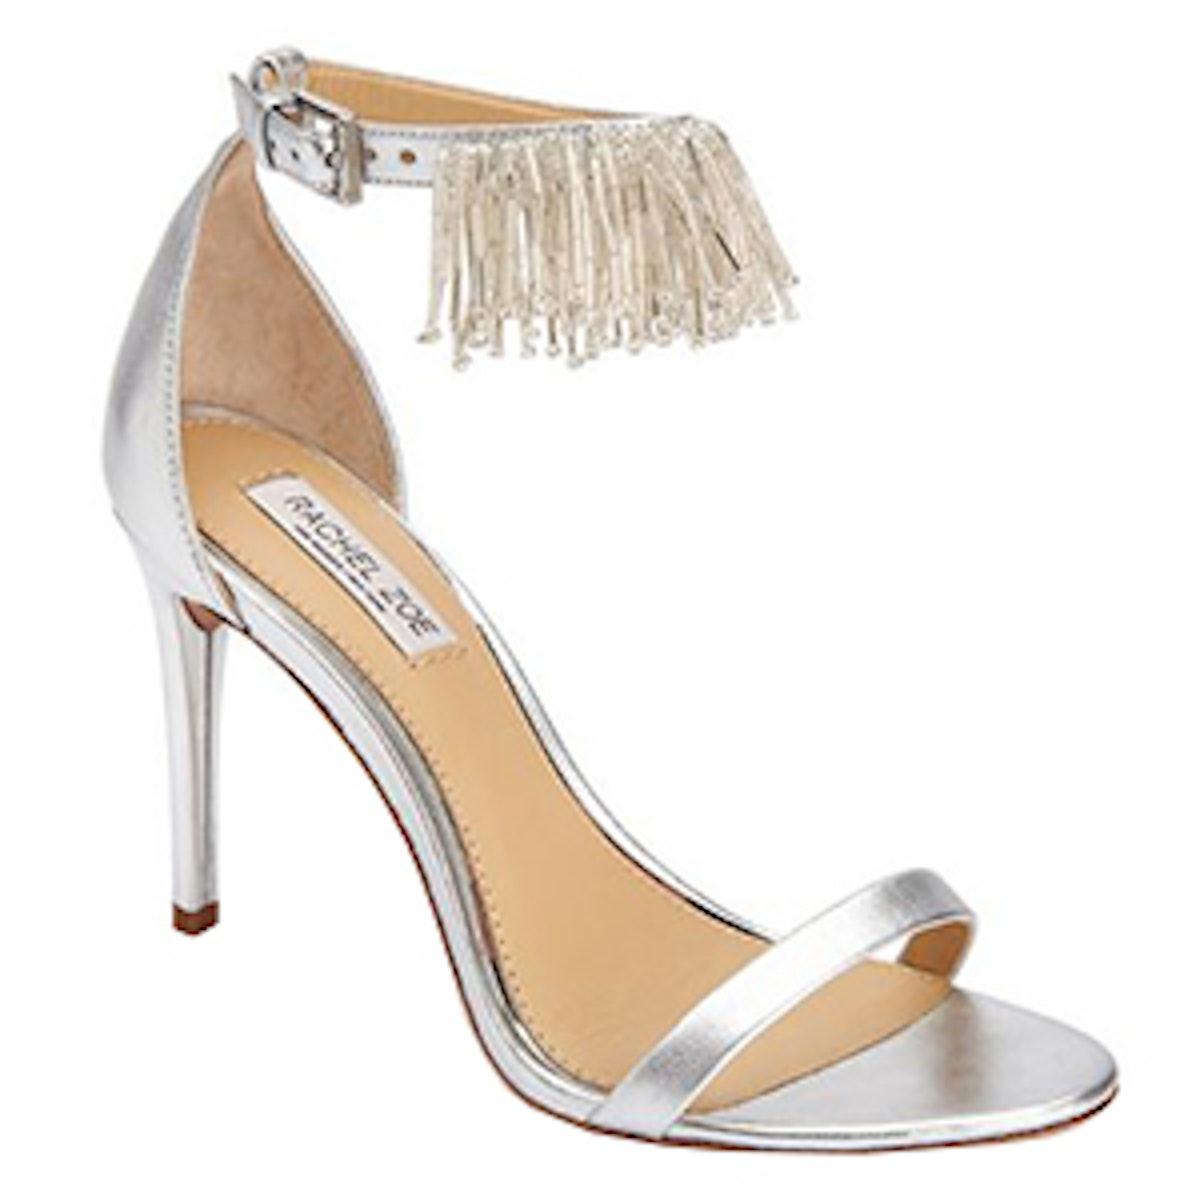 Emina Fringe Metallic Leather Heeled Sandals